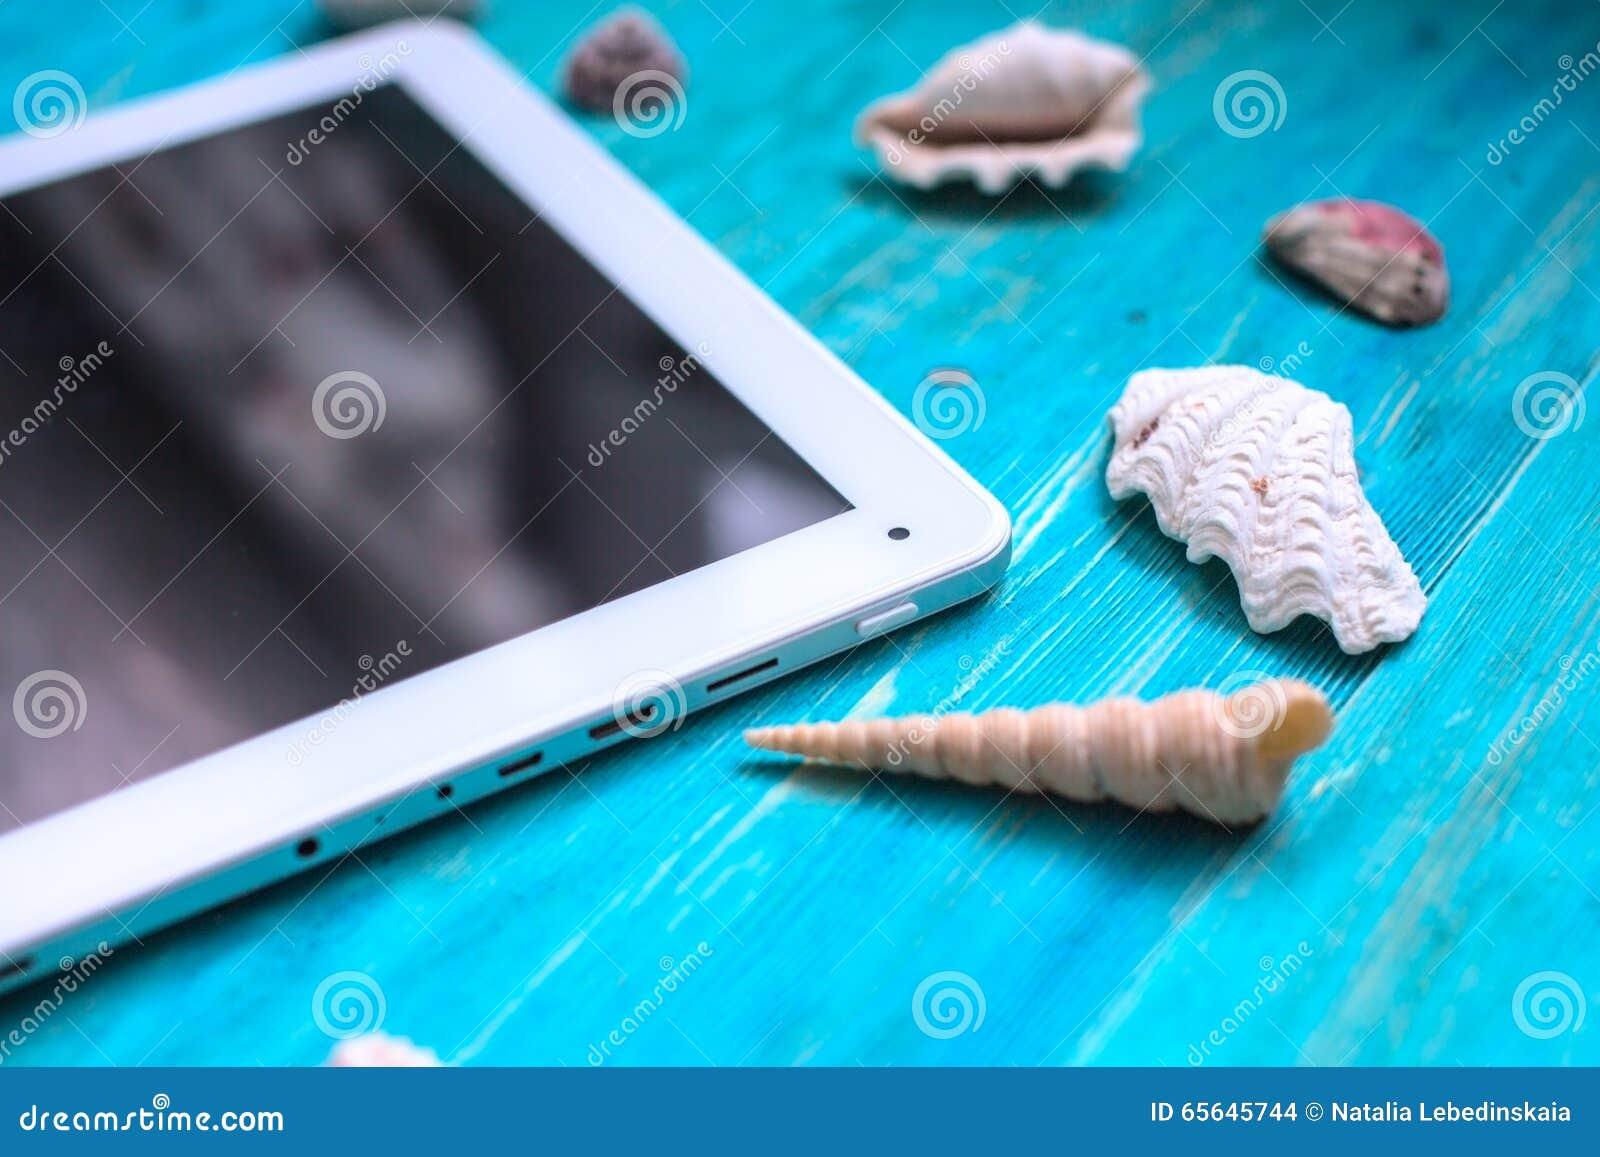 Heure de se reposer, marquer sur tablette, coquillages, fond en bois bleu,